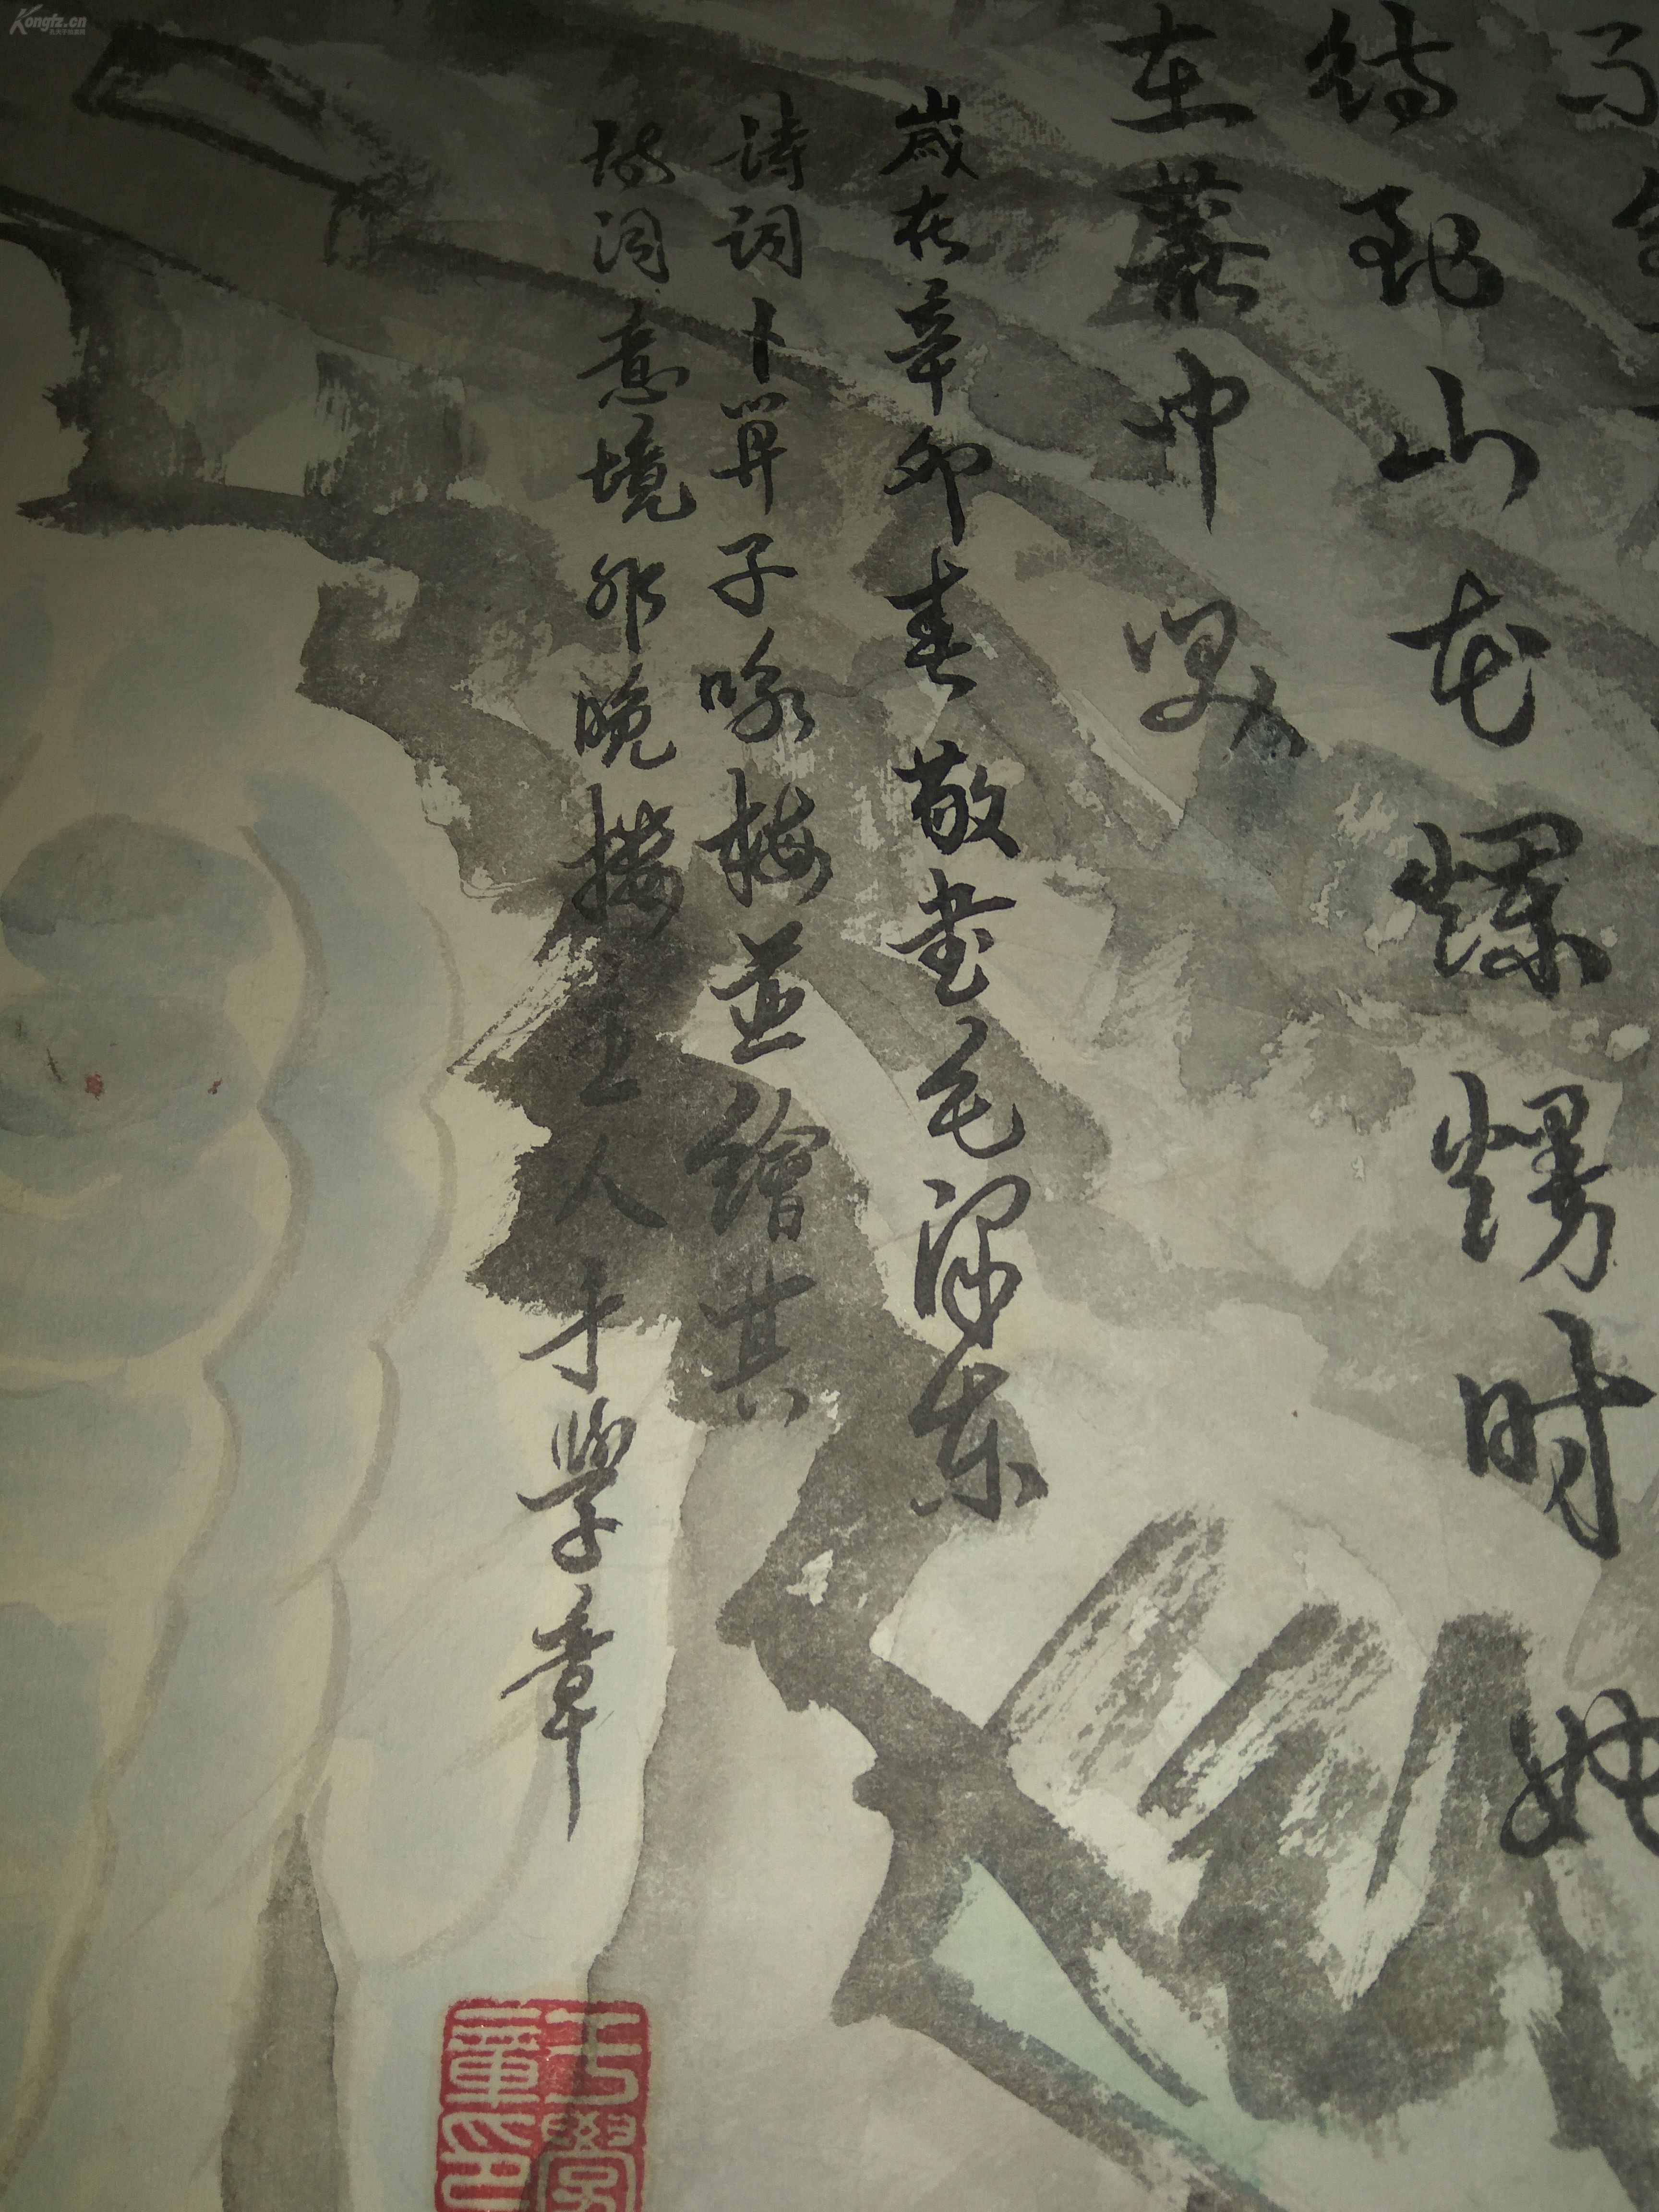 中国书画函授大学,乌鲁木齐市老年大学教授图片